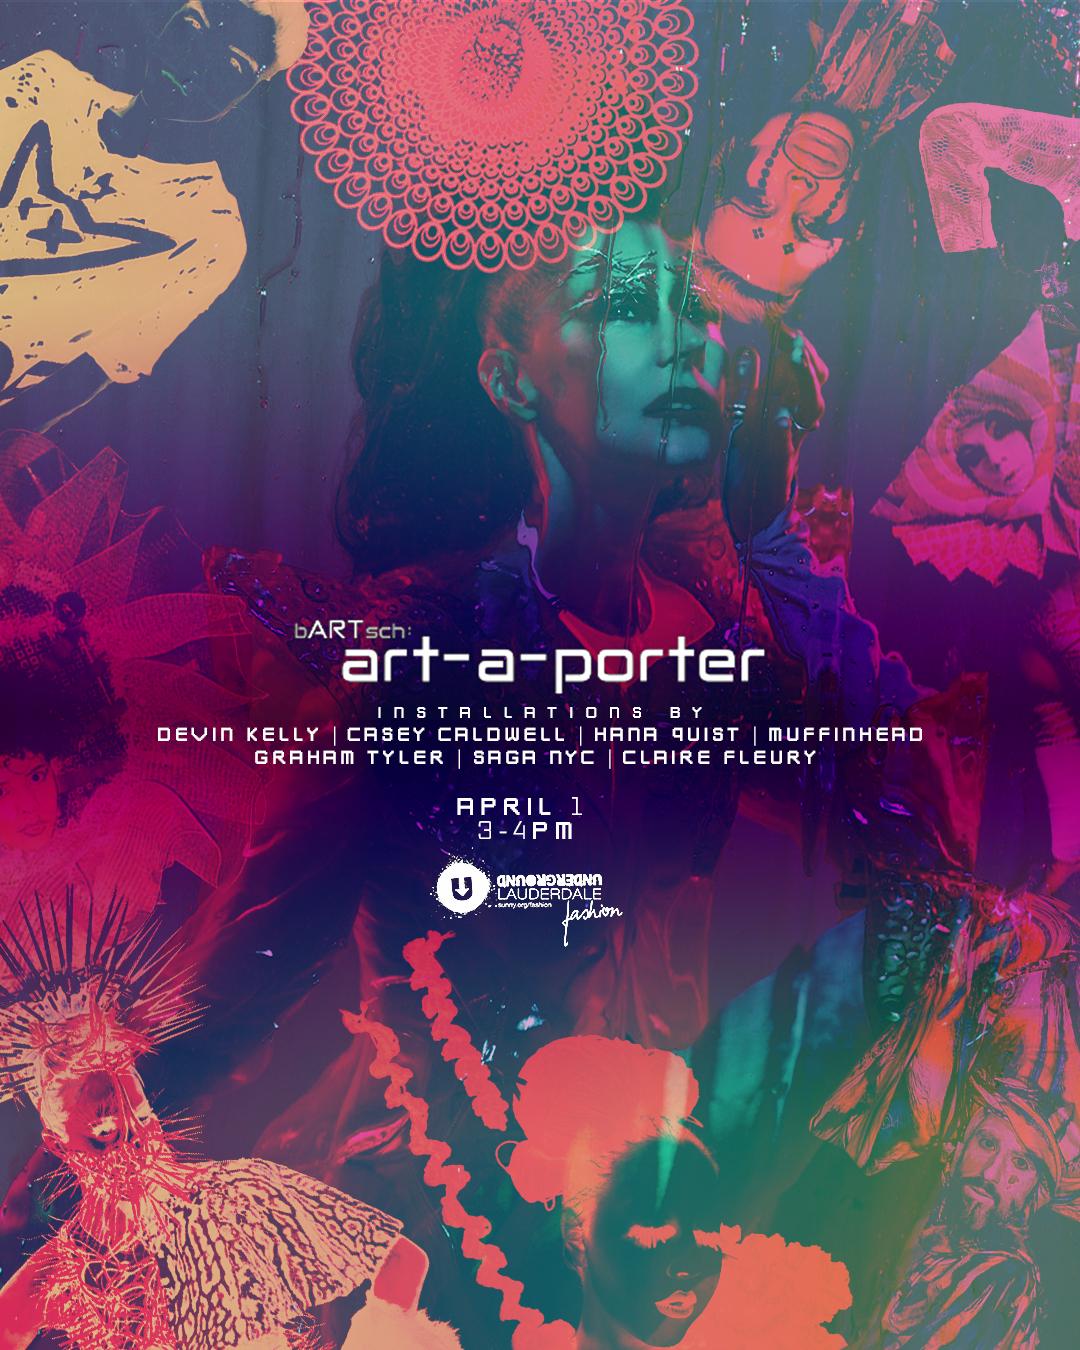 artaporter_front.jpg